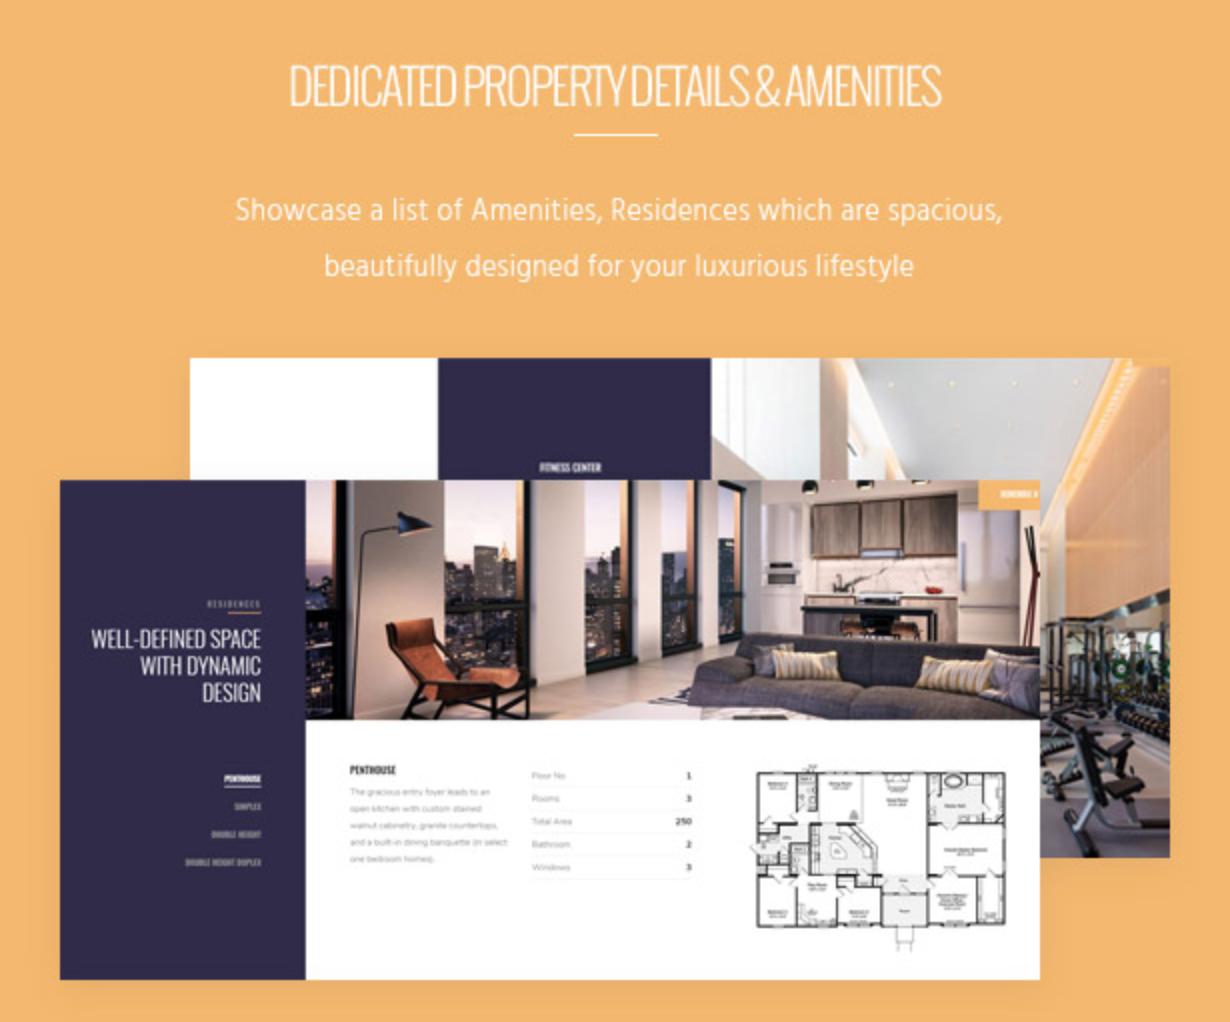 Skyview Complex Besuchen Sie Booking Rental Apartment & Real Estate WordPress-Themen